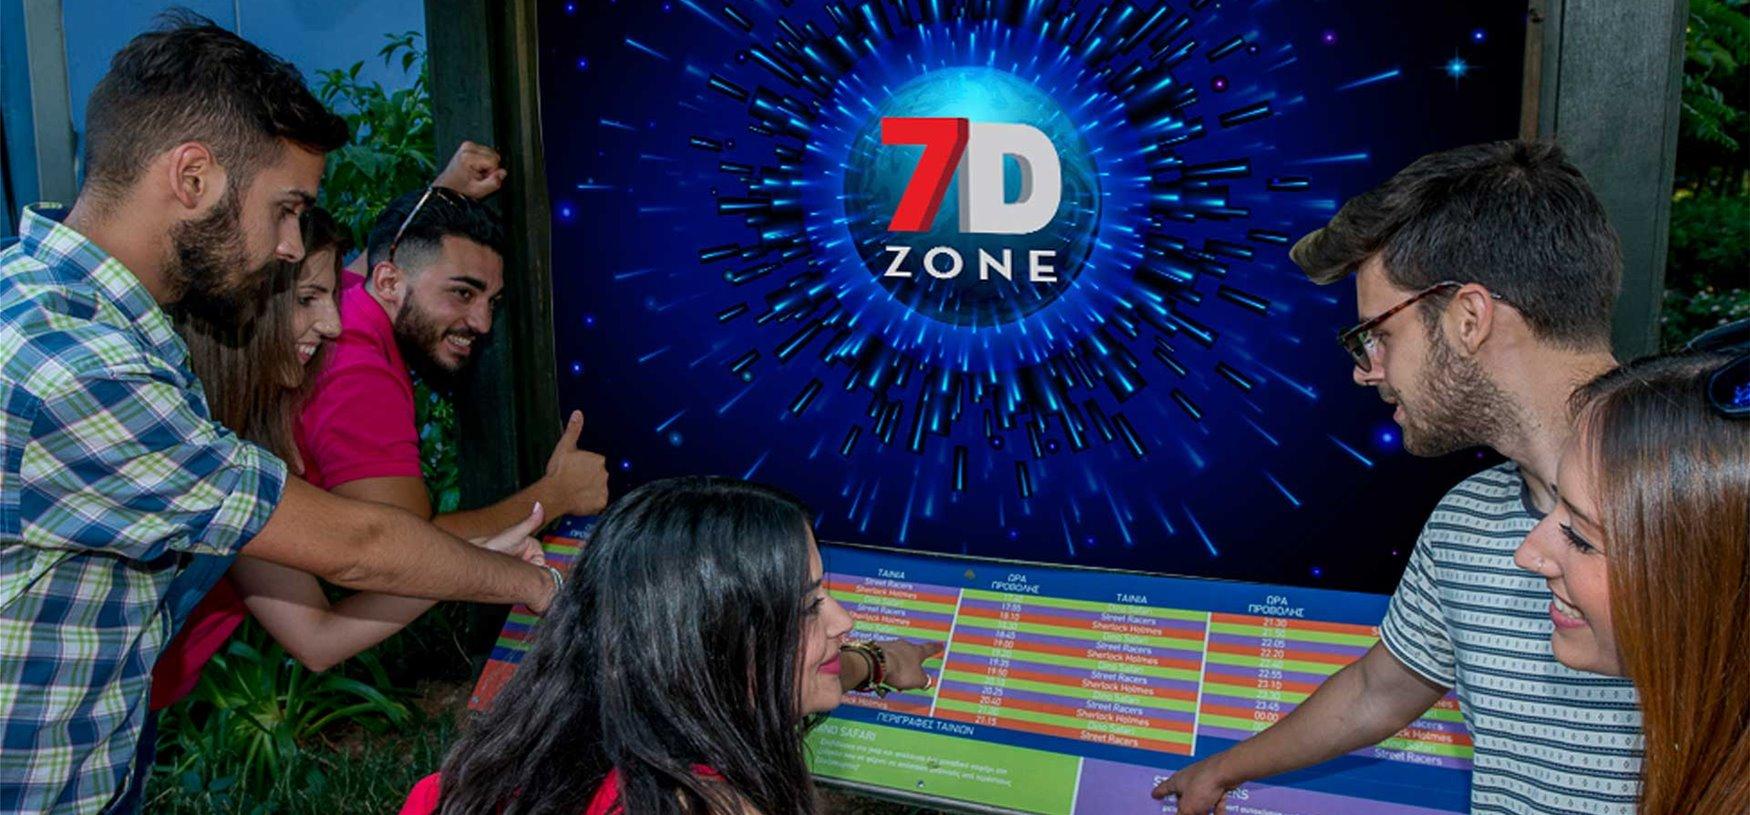 7D ZONE